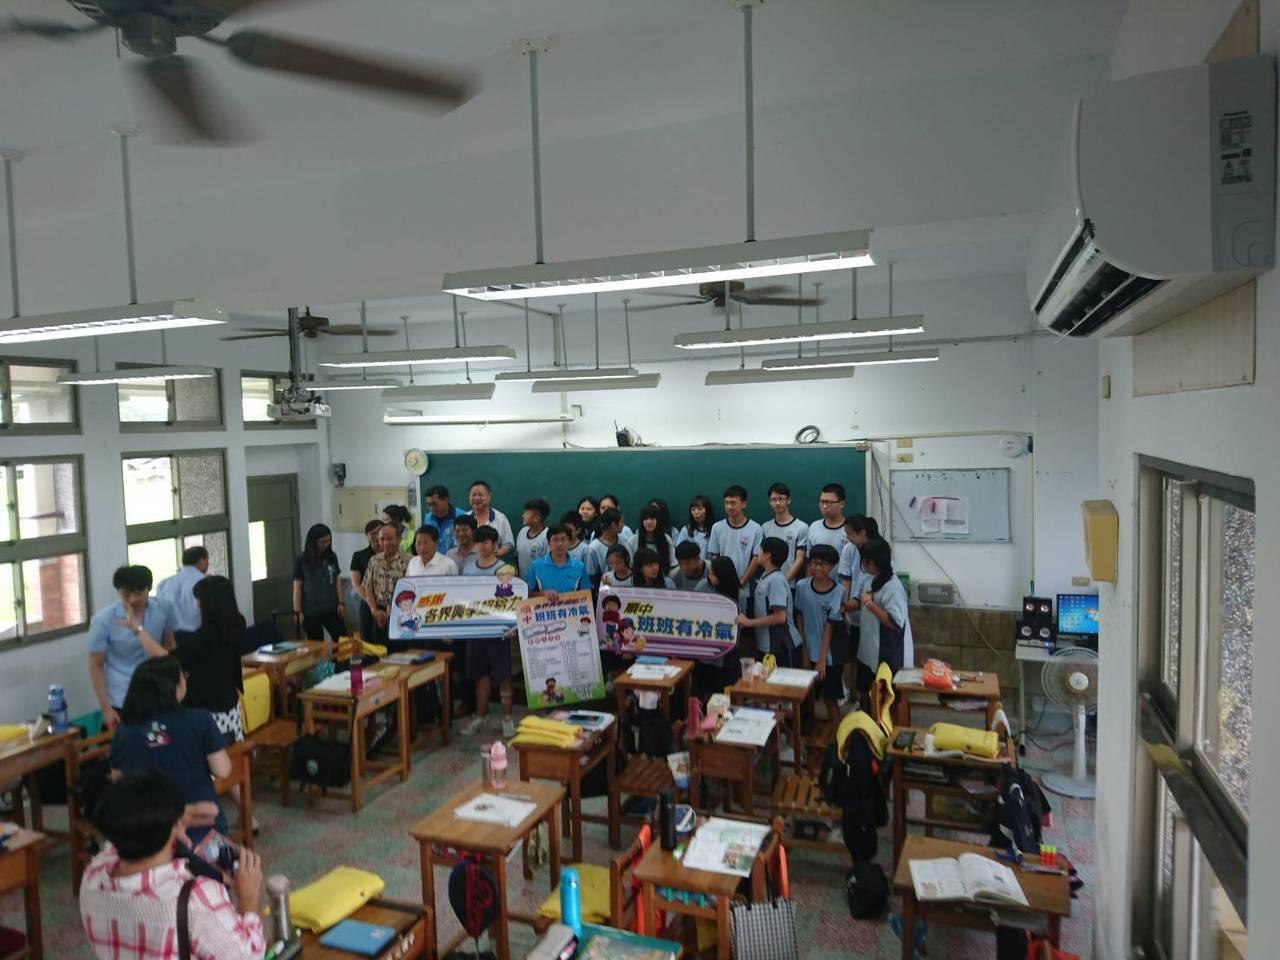 教室電風扇的扇葉脆化,過去五年曾發生十三起意外,家長團體呼籲全台學校應徹底檢查扇...